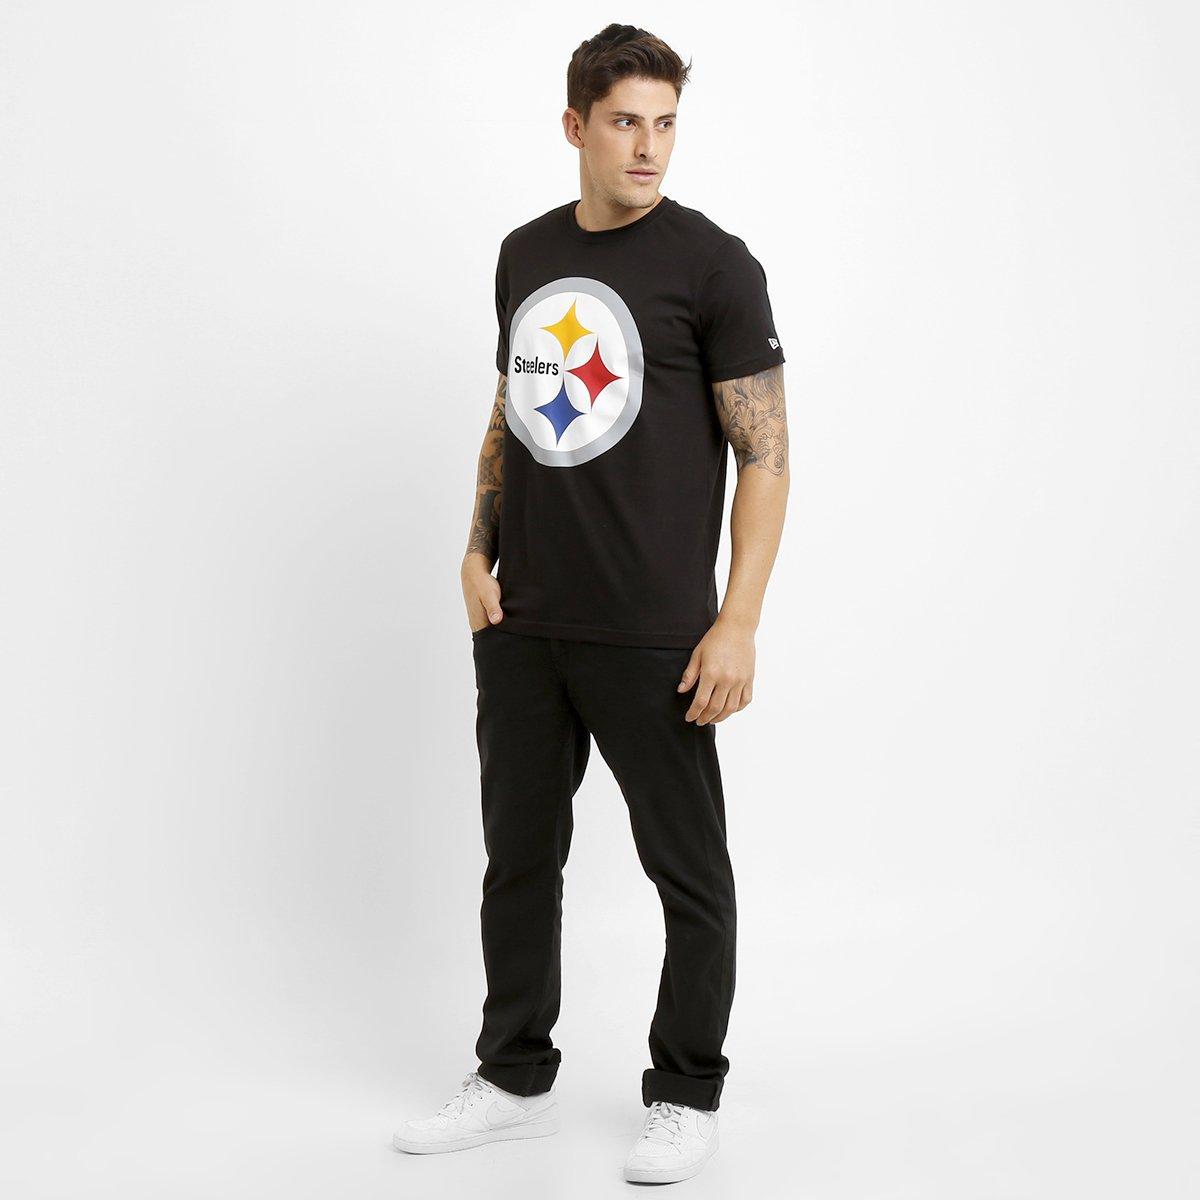 Camiseta New Era NFL Permanente Pittsburgh Steelers - Preto - Compre ... ead8dba88453e